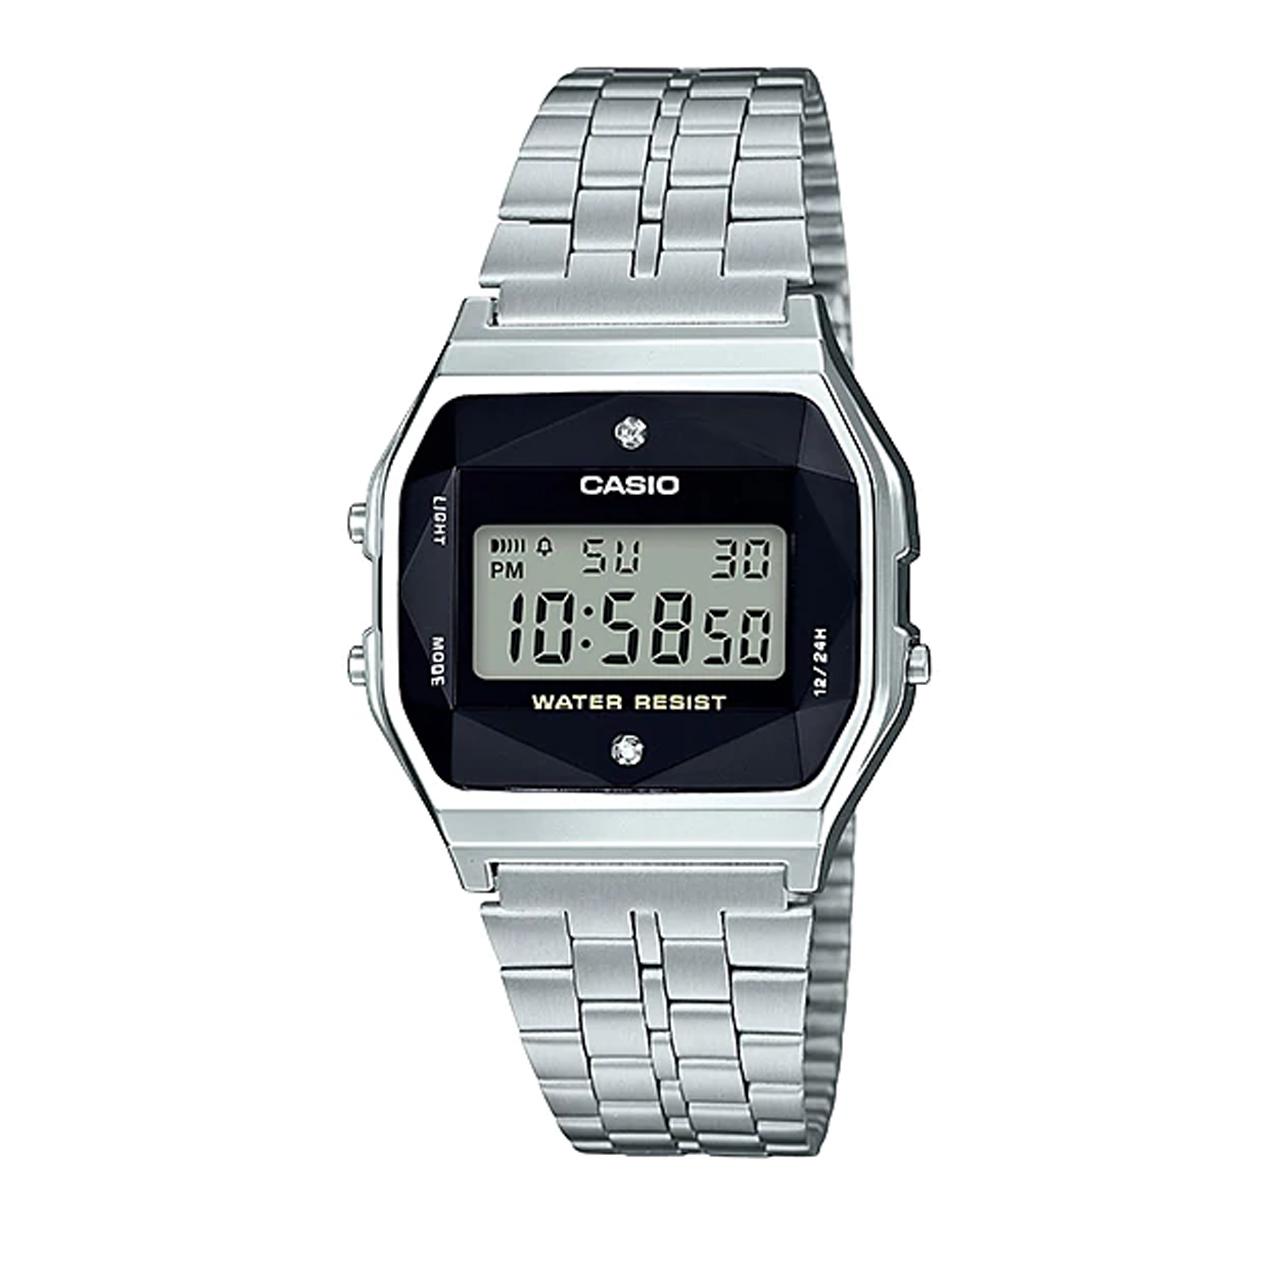 ساعت مچی دیجیتالی کاسیو مدل A159WAD-1DF